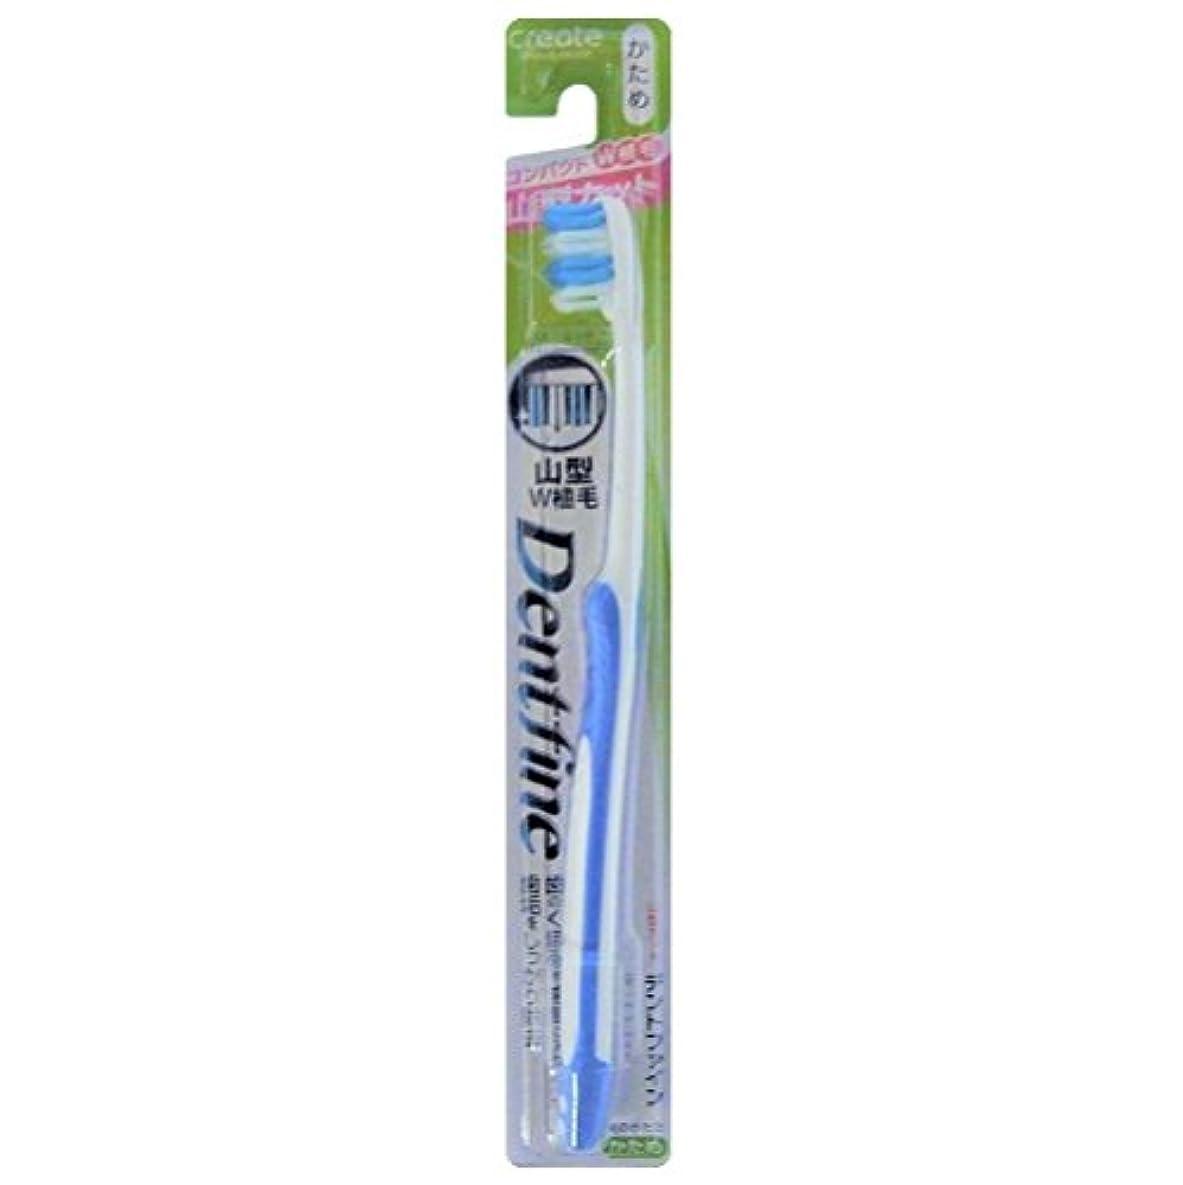 毒液タービン顕現デントファイン ラバーグリップ 山切りカット 歯ブラシ かため 1本:ブルー